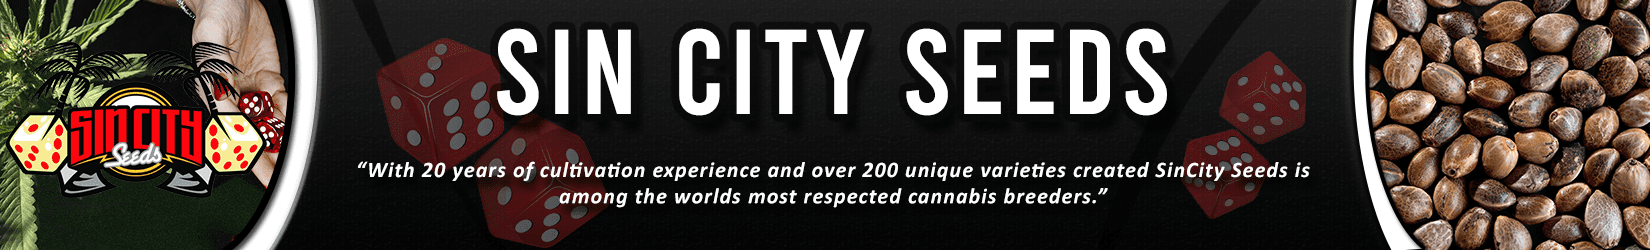 Cannabis Seeds Breeder - Sin City Seeds